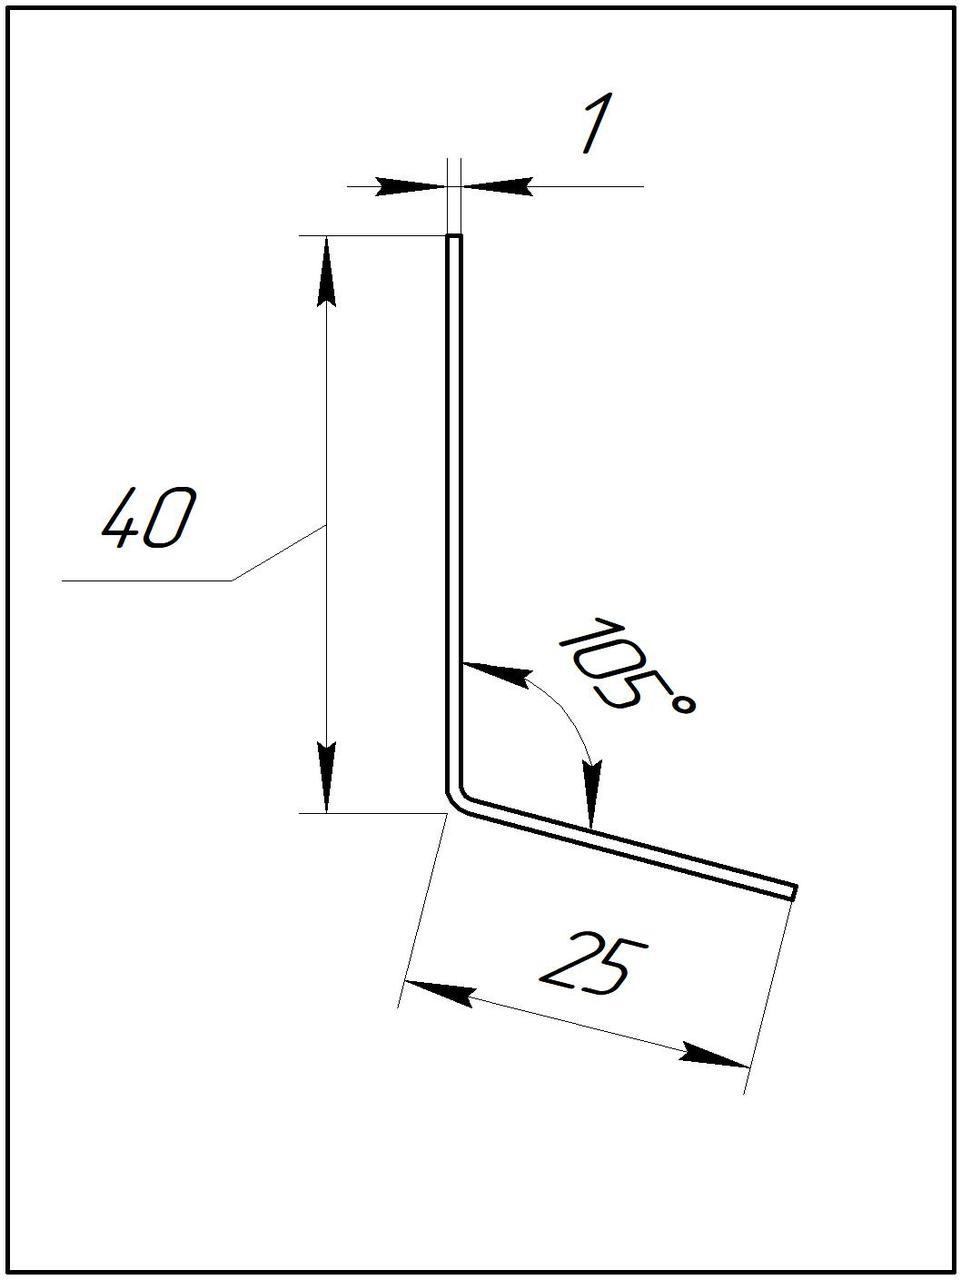 ODF-04-05-01-L2500 Отлив для козырька 40 на 25